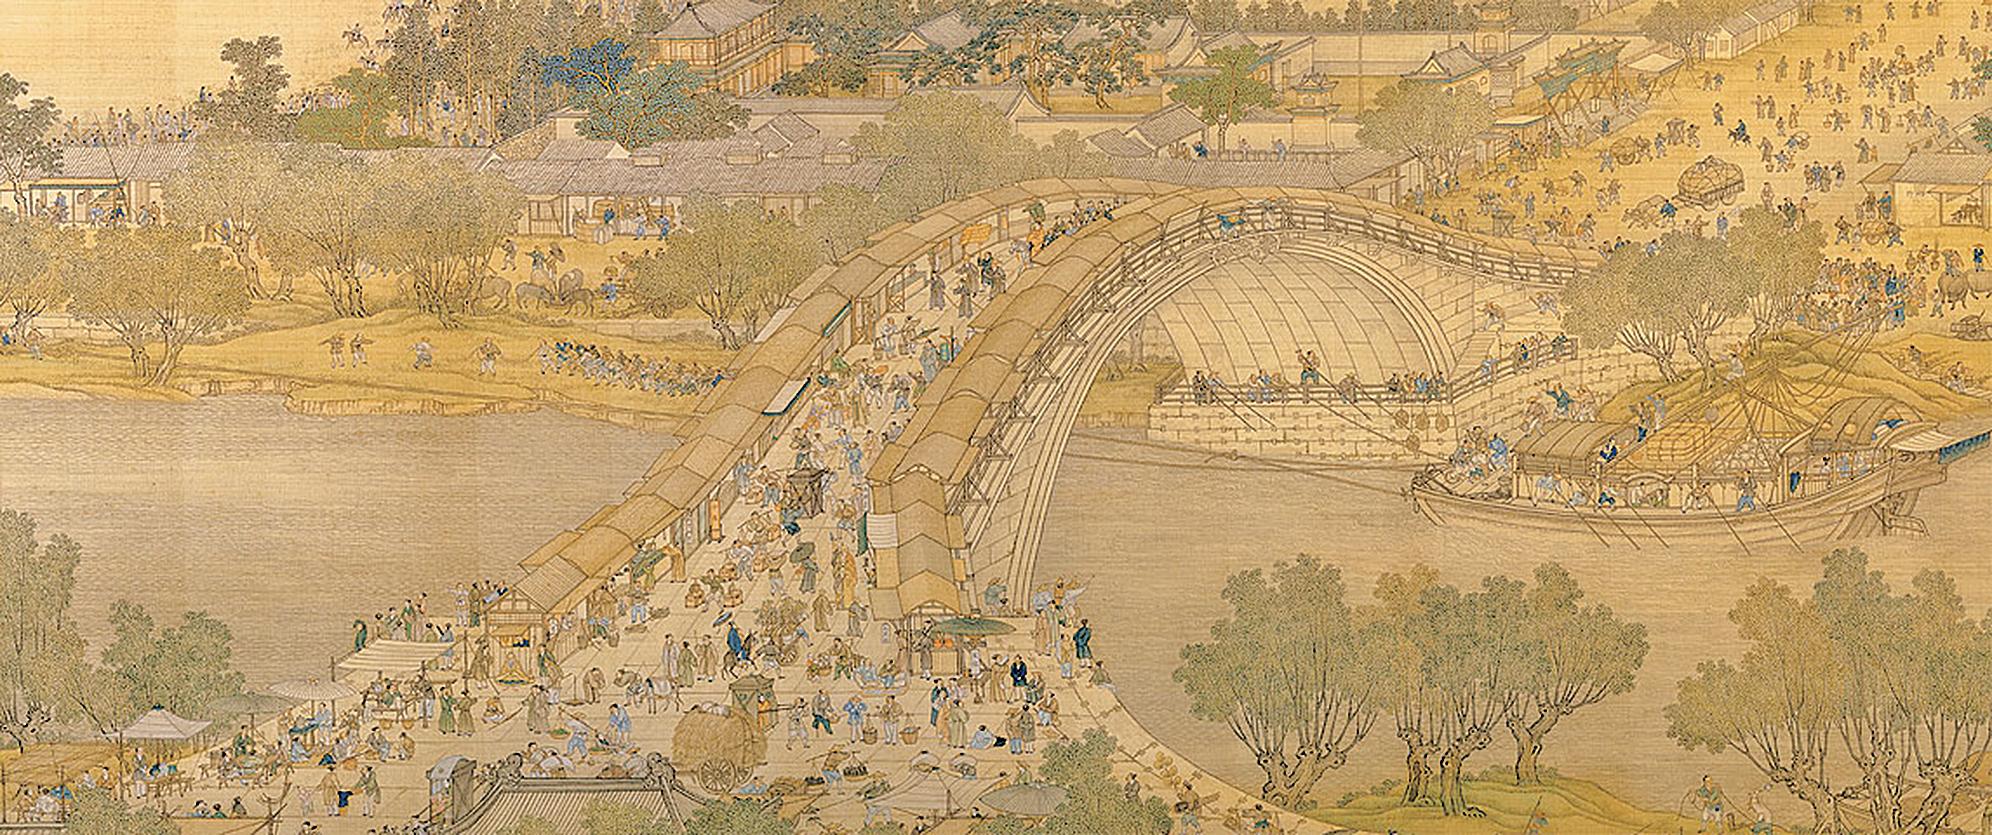 宋朝張擇端將這一幅清明盛世畫作了《清明上河圖》(公有領域)